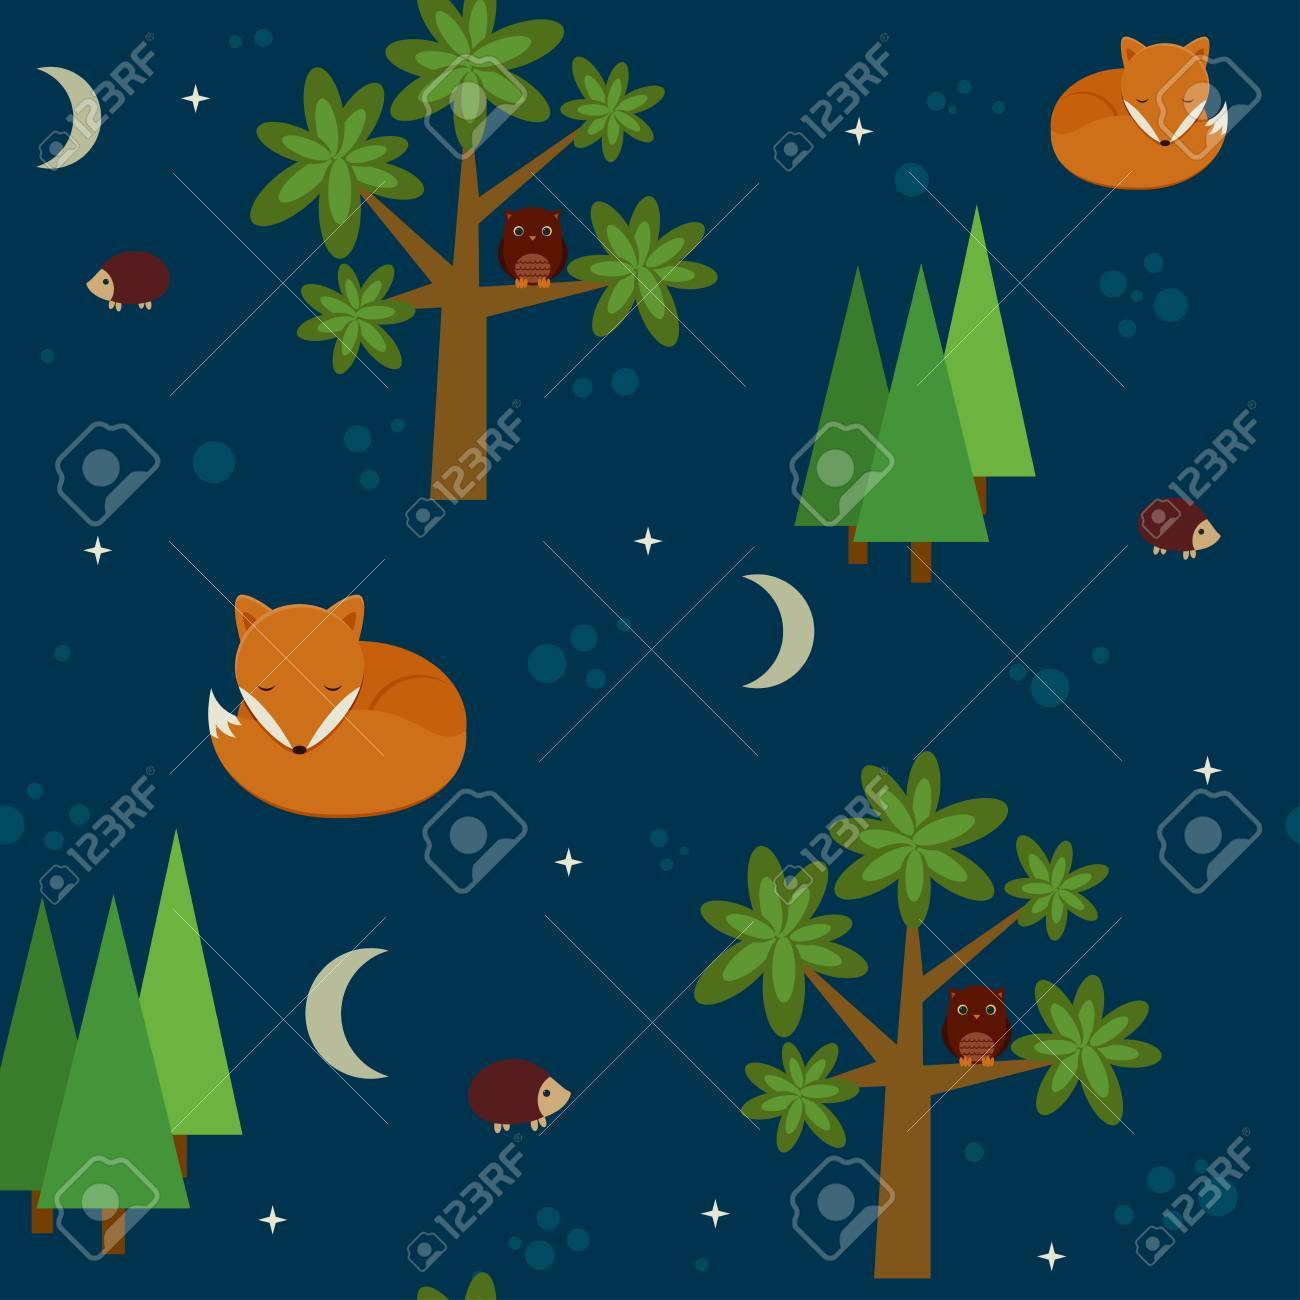 夜の森のシームレスな壁紙のイラスト素材 ベクタ Image 26038867